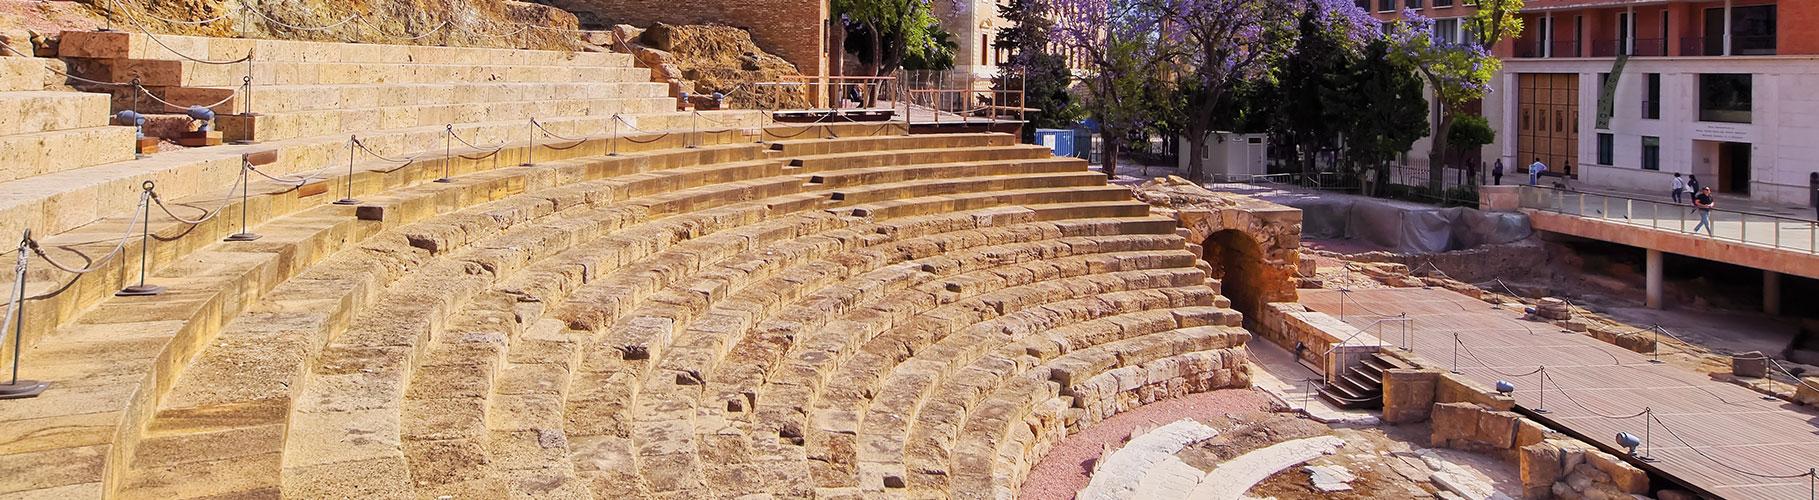 monumentos-malaga